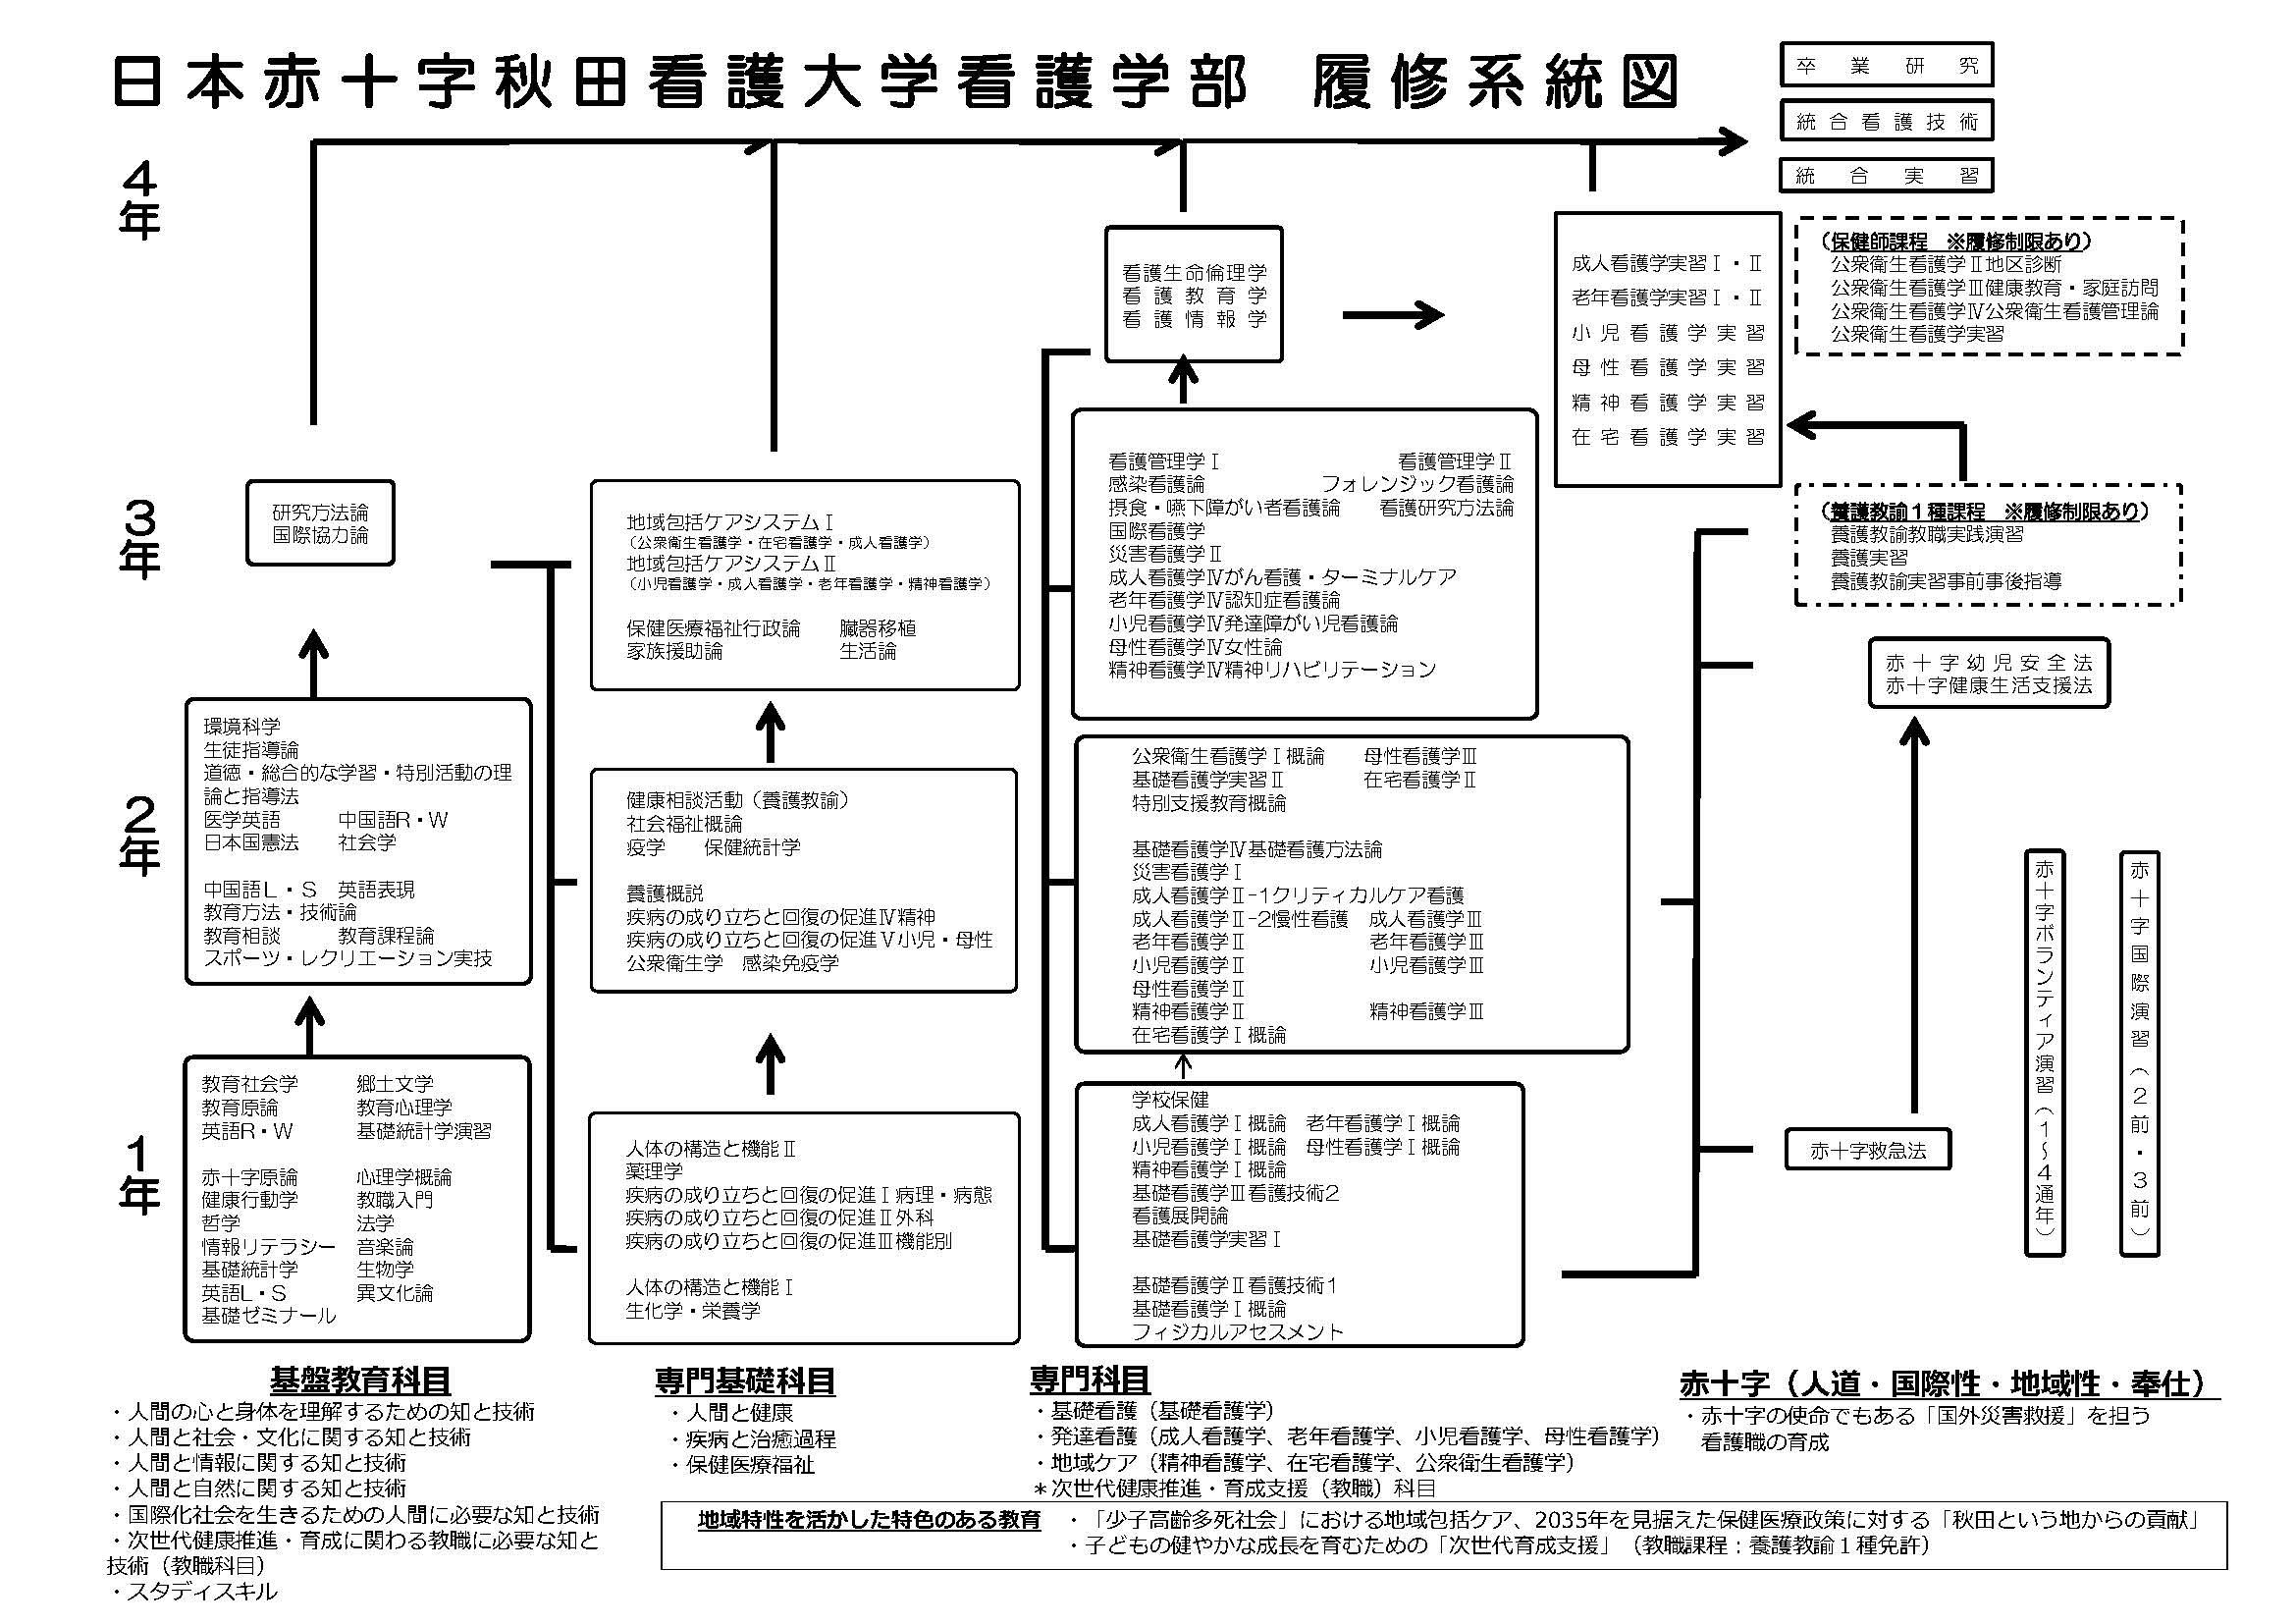 履修系統図